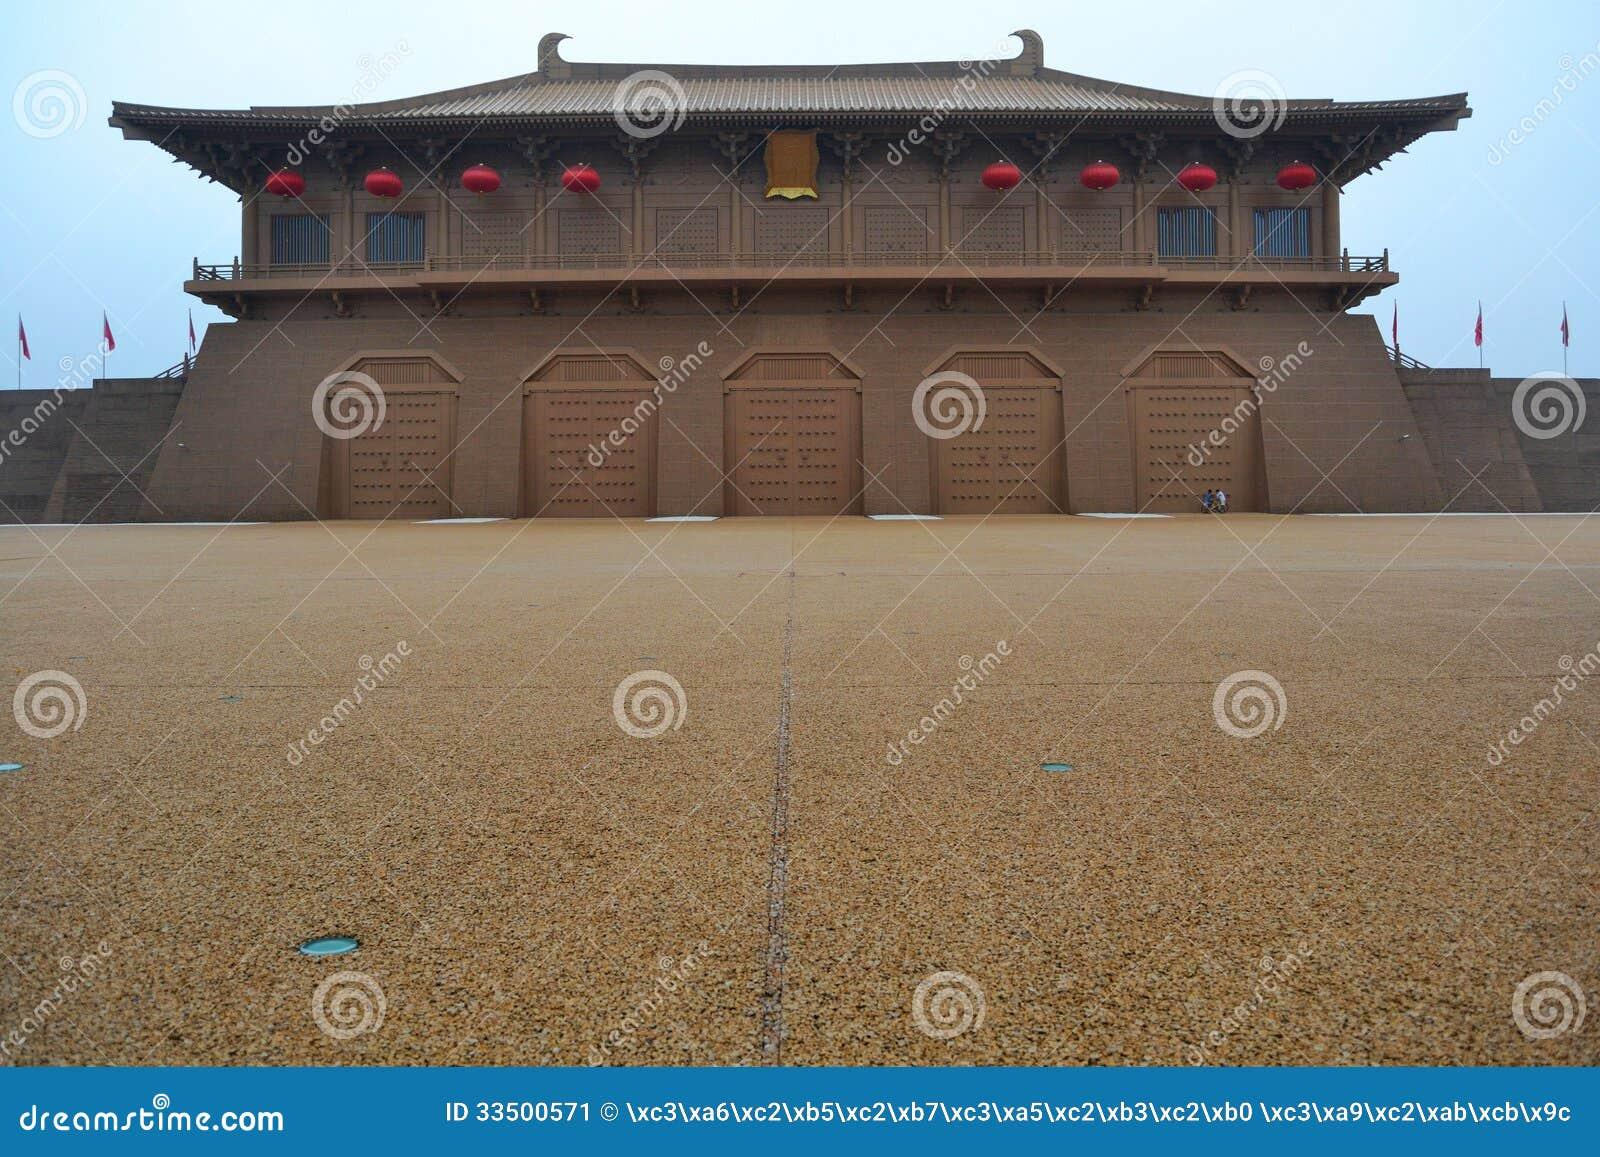 大明宫殿位于西安longshou高原城市的北部,是世界多数壮观的宫殿.图片